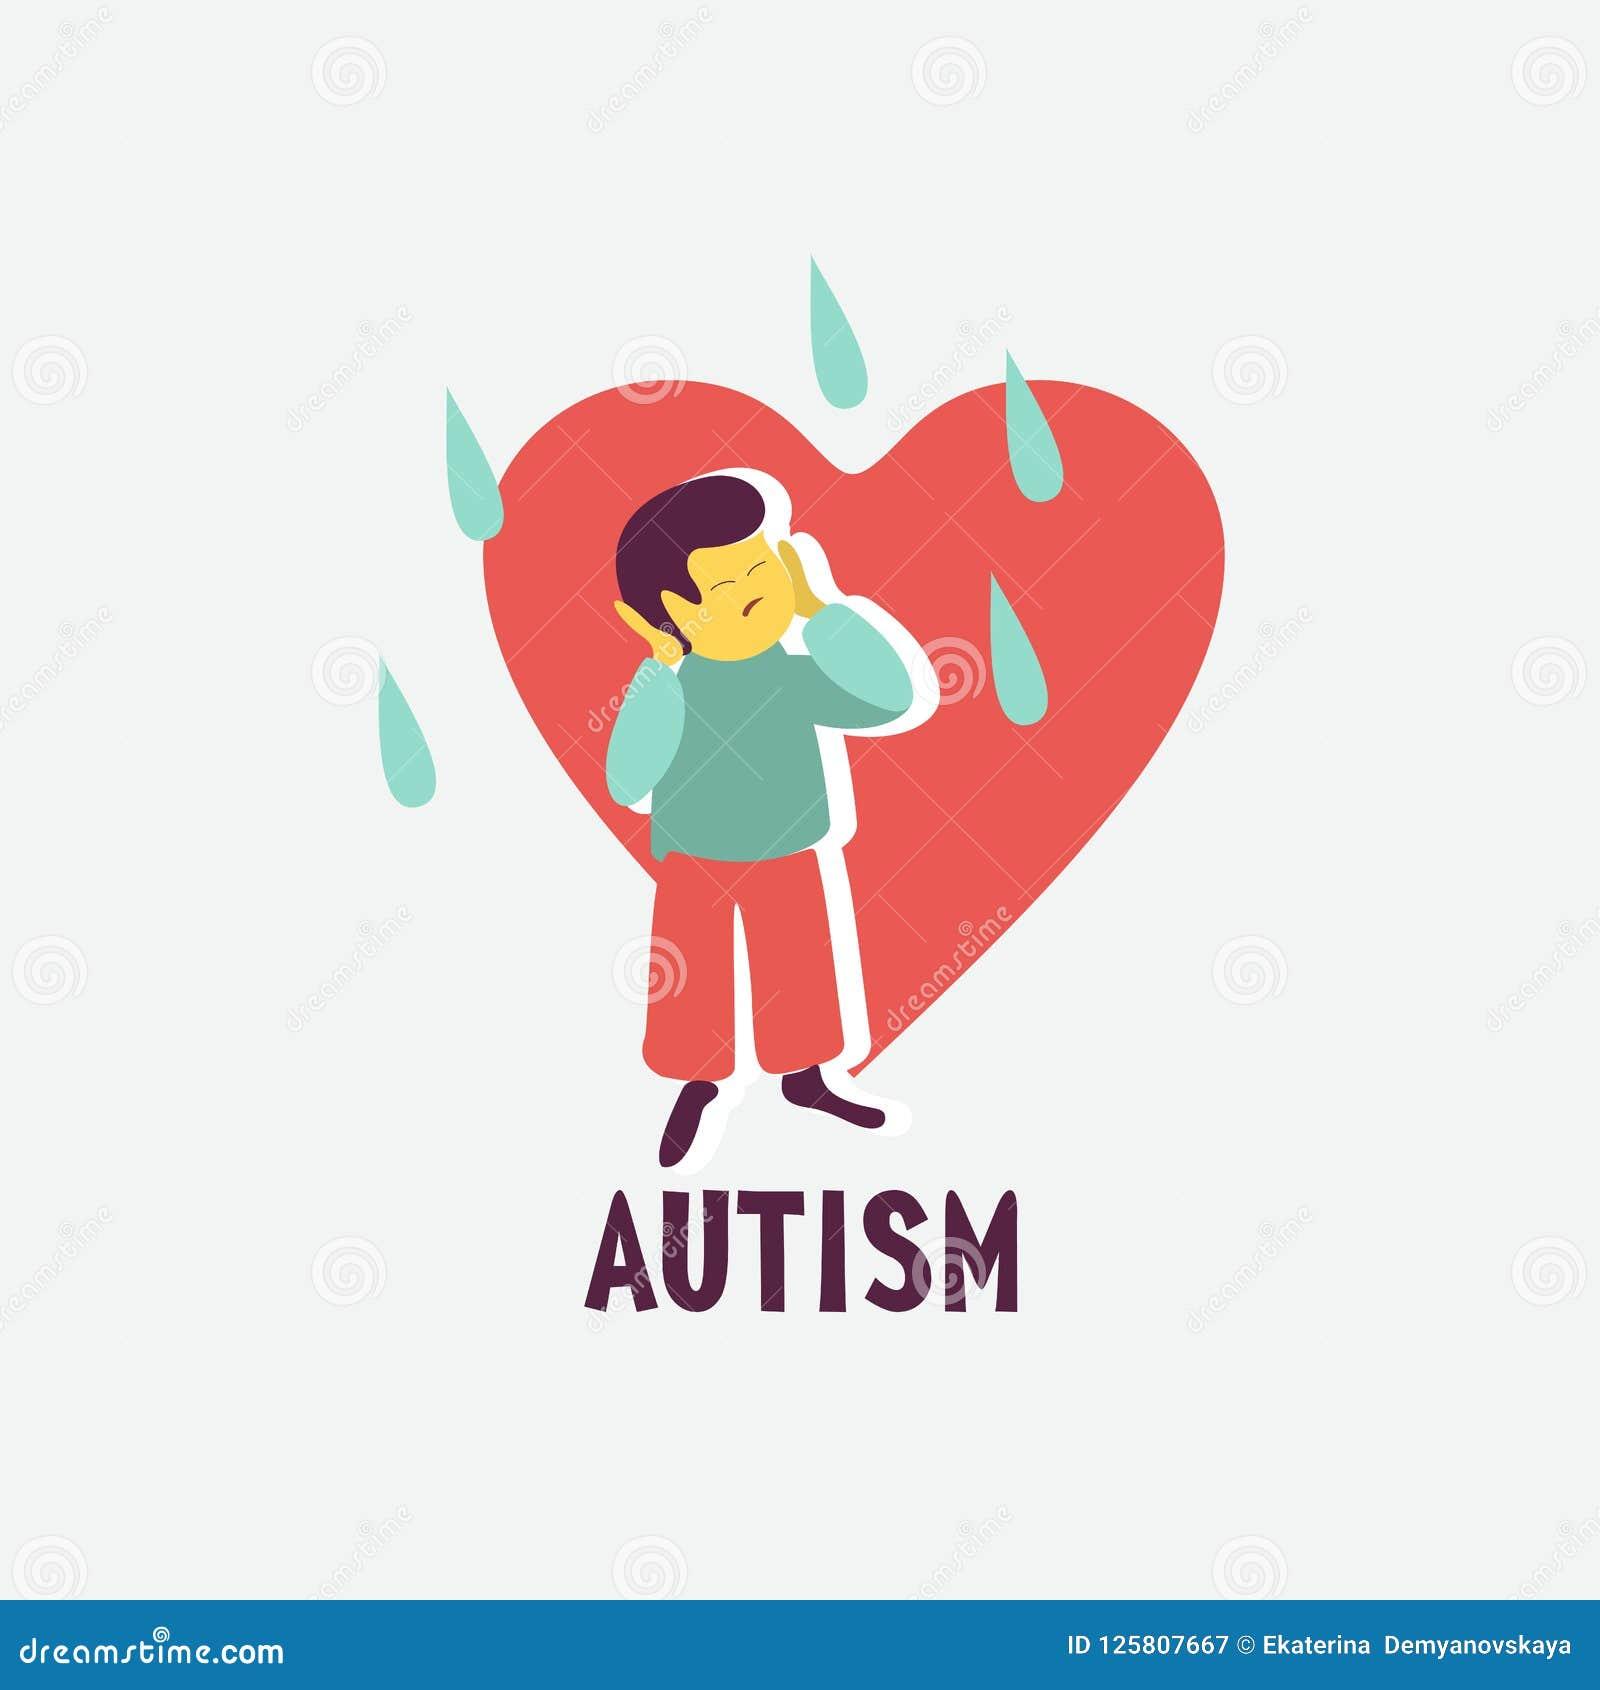 孤独性 孤独性综合症状的象征对于儿童 Childr